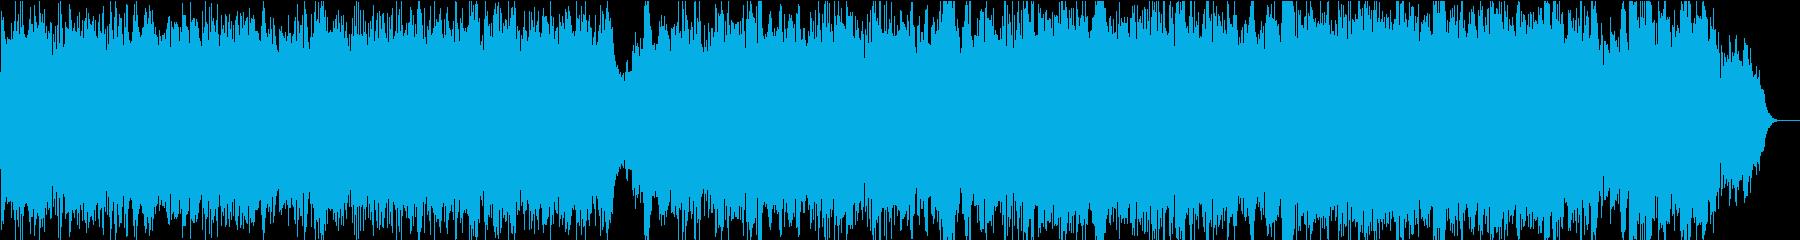 前向きで優しい感動ピアノ1全楽器フルの再生済みの波形